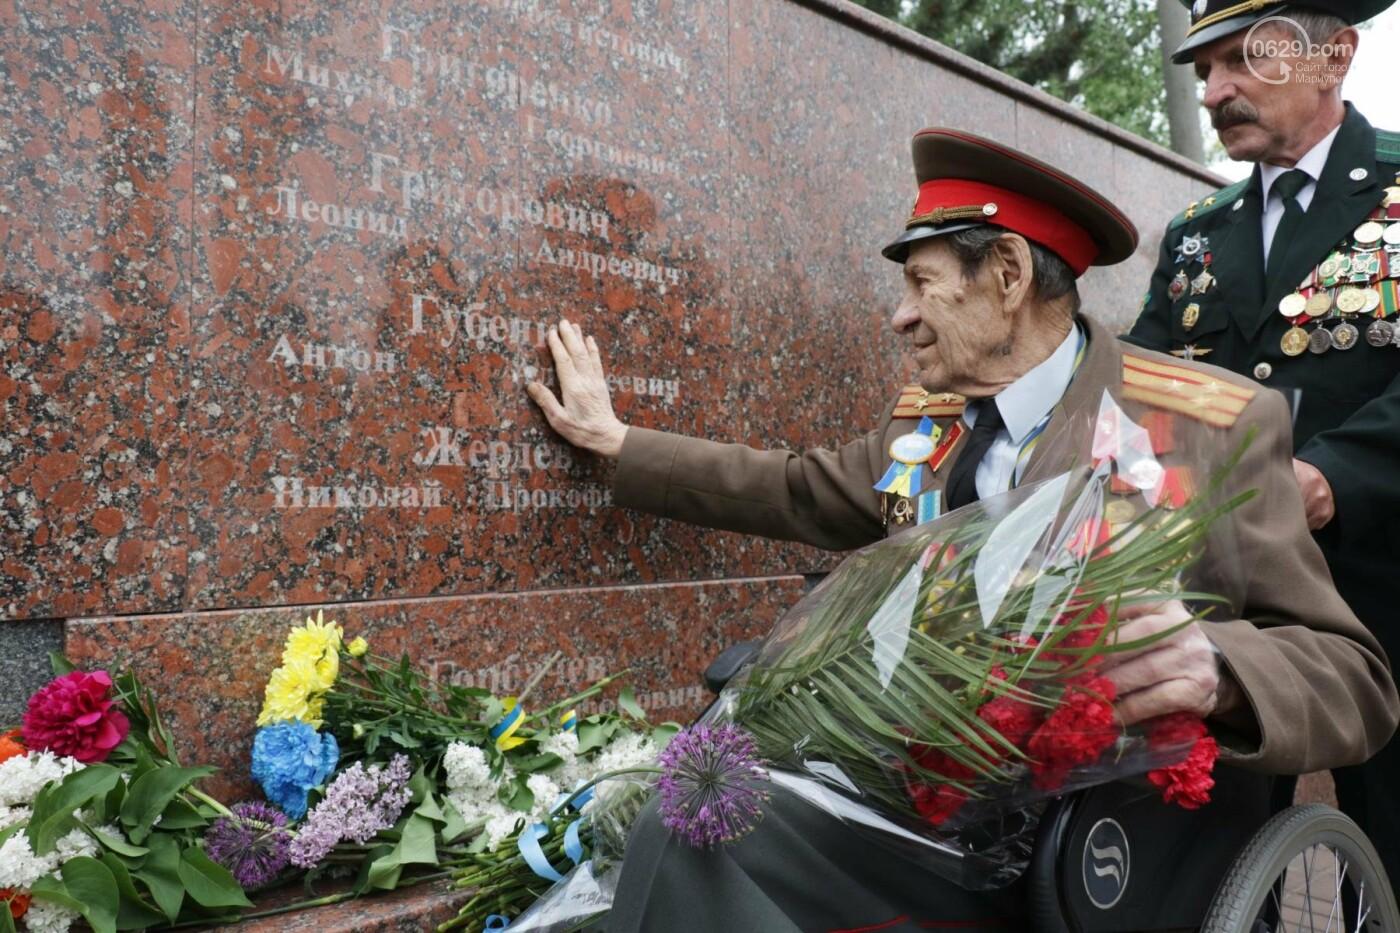 Как в  Мариуполе отметили 73-ю годовщину Победы, - ФОТО, ВИДЕО, фото-1